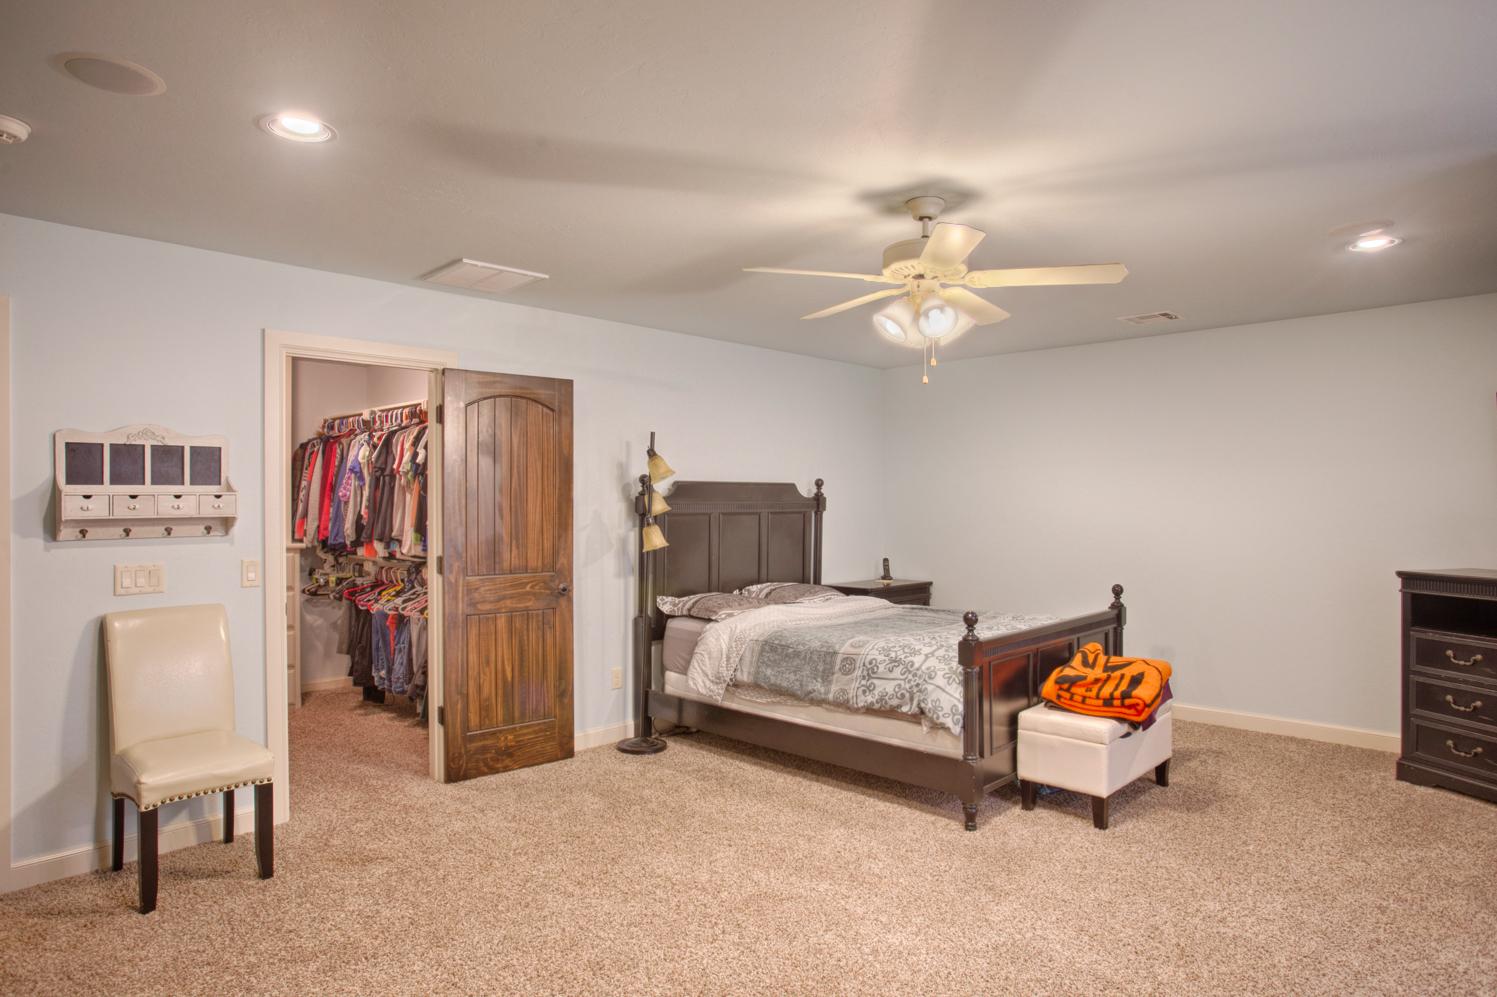 025_Bedroom 2